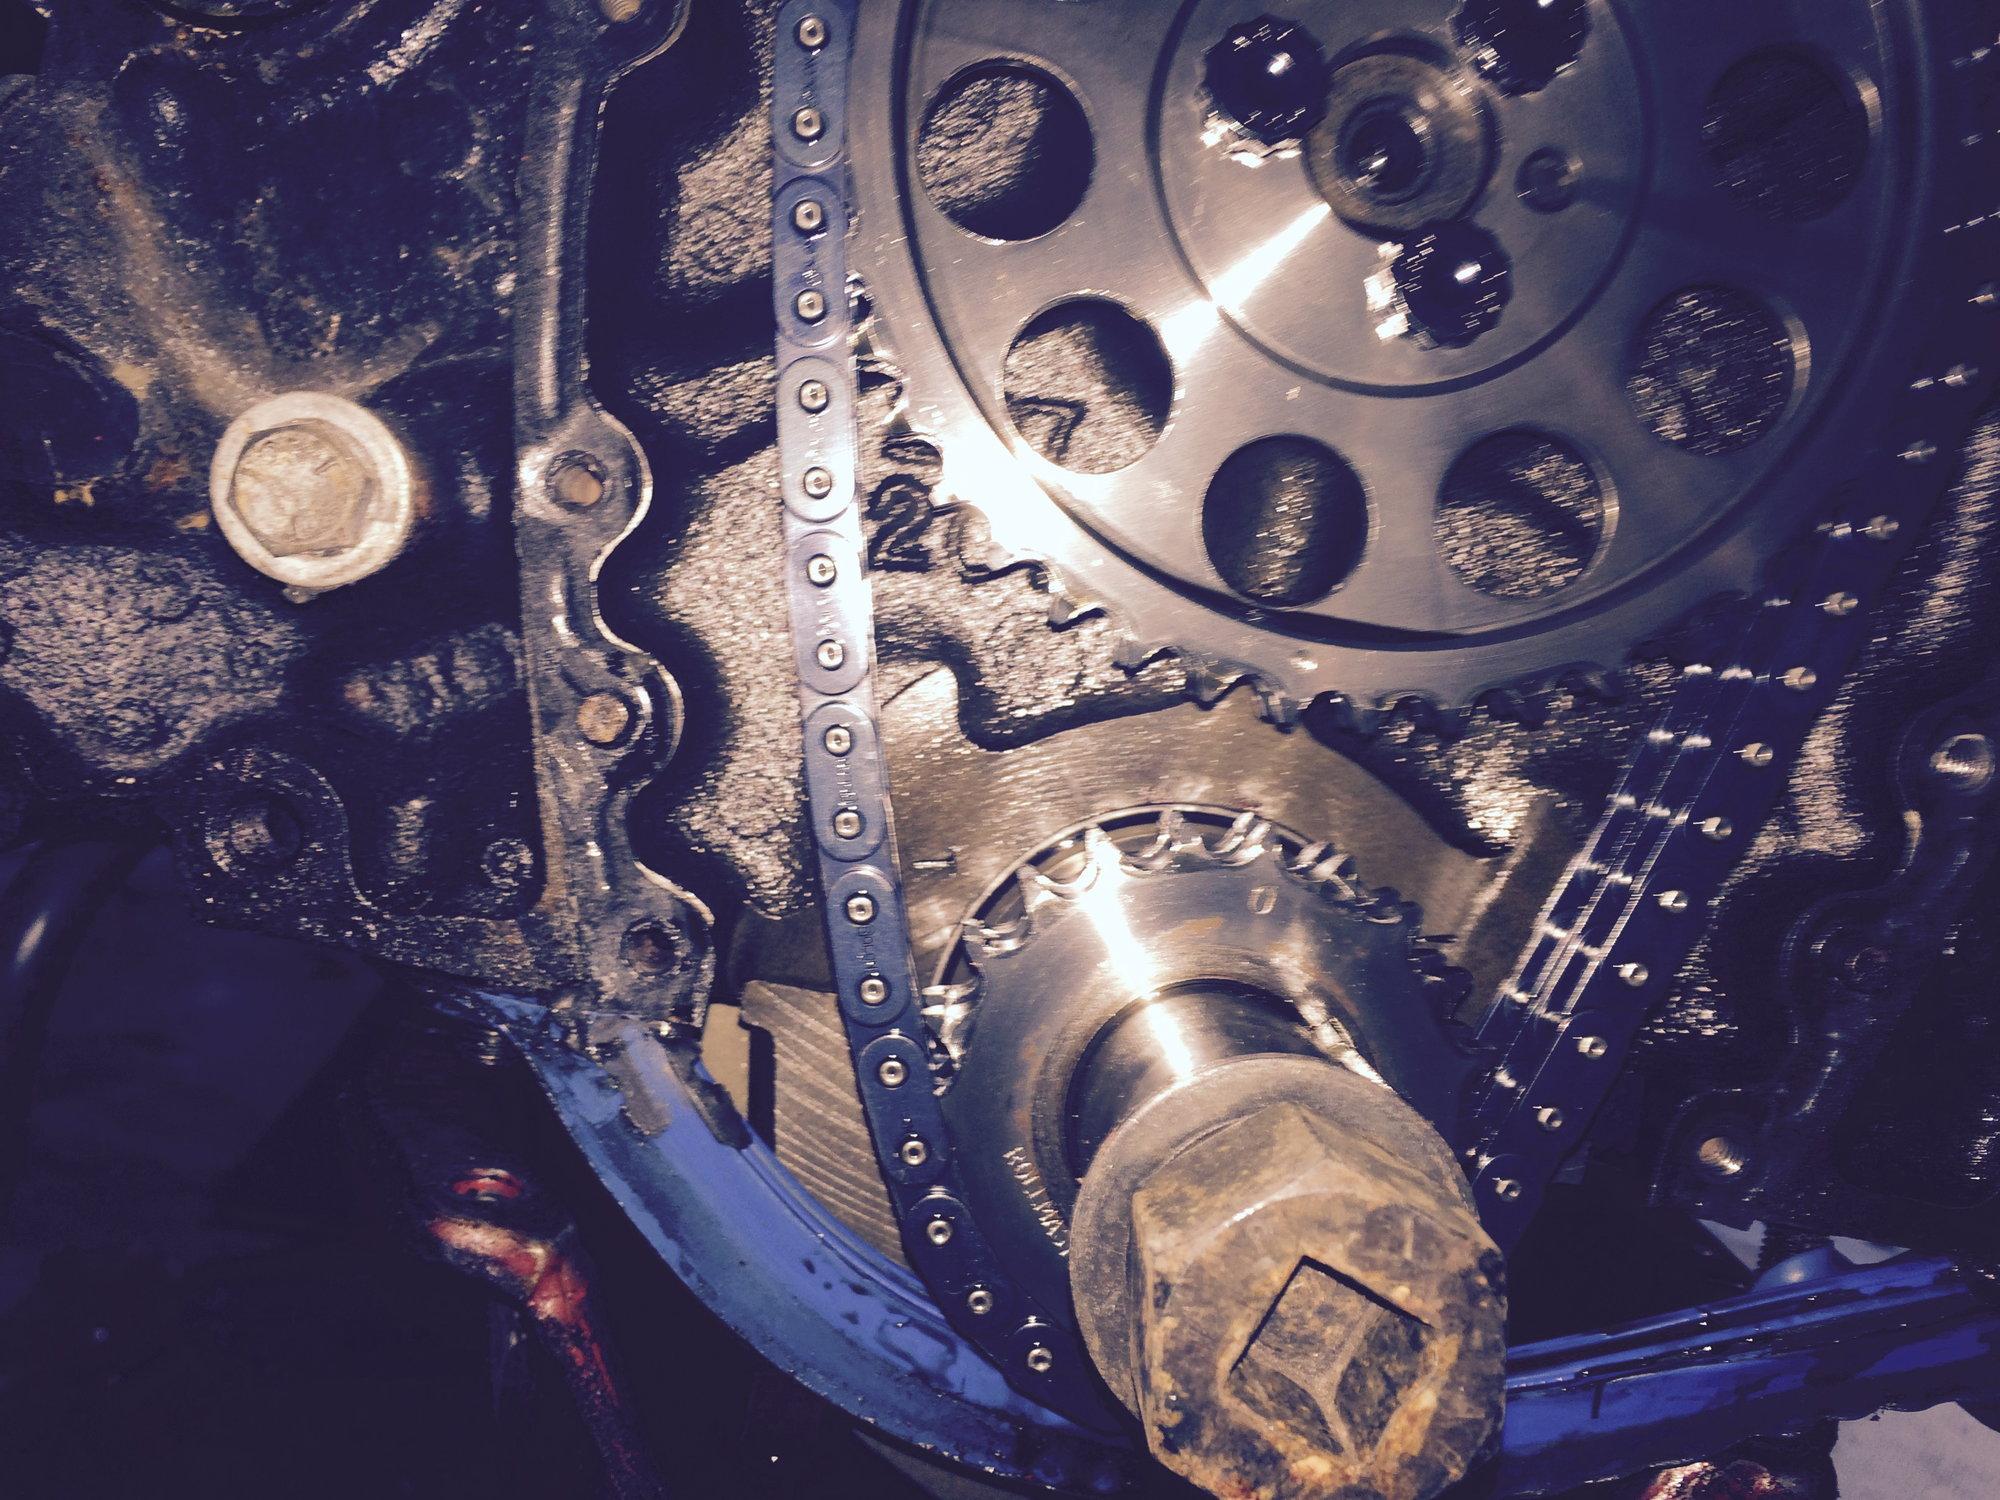 Timing Chain too loose? - CorvetteForum - Chevrolet Corvette Forum